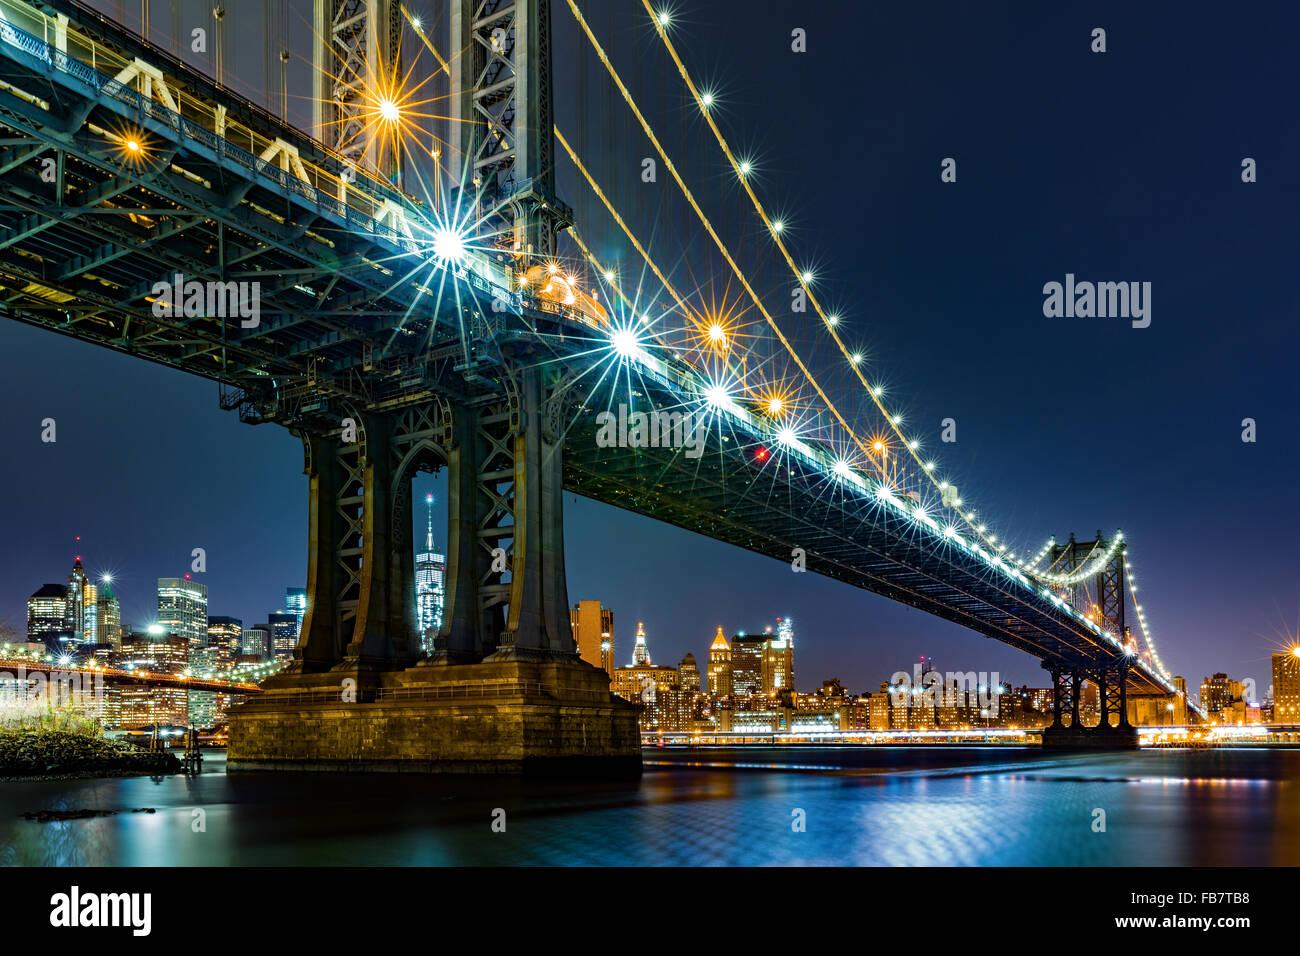 Pillars Of Bridge Imágenes De Stock & Pillars Of Bridge Fotos De ...